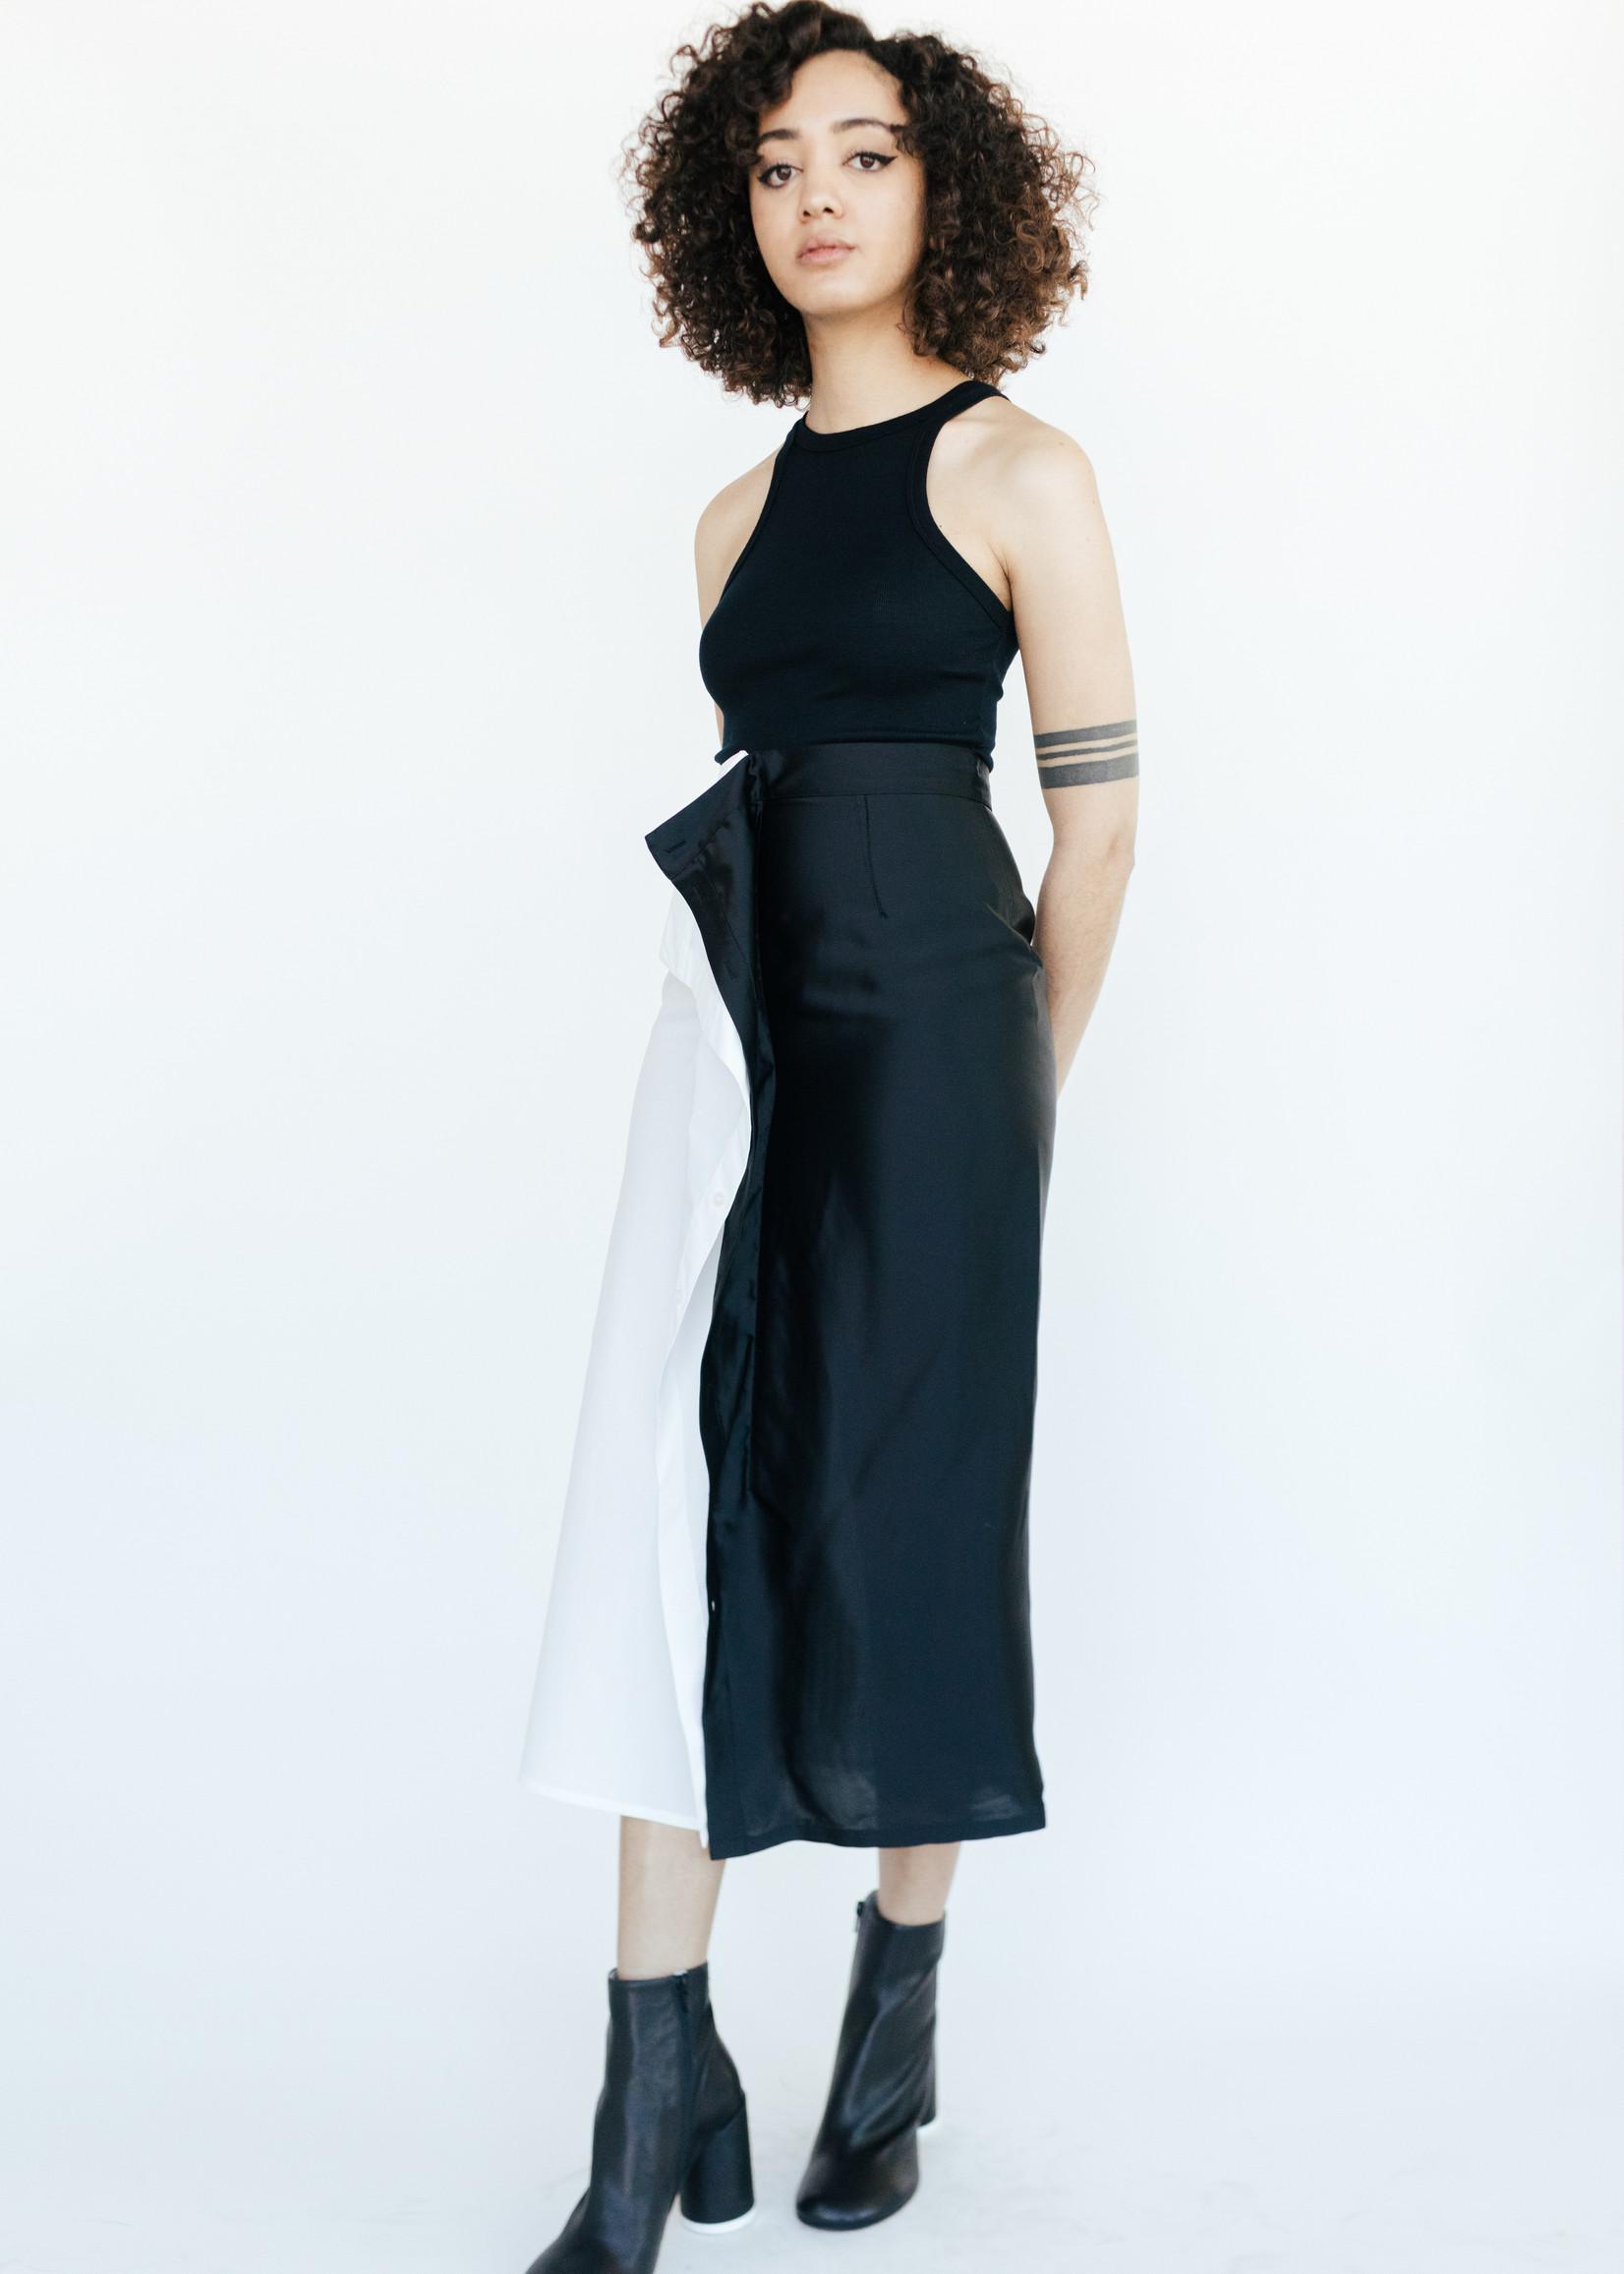 MM6 MAISON MARGIELA Split Skirt in Black and White